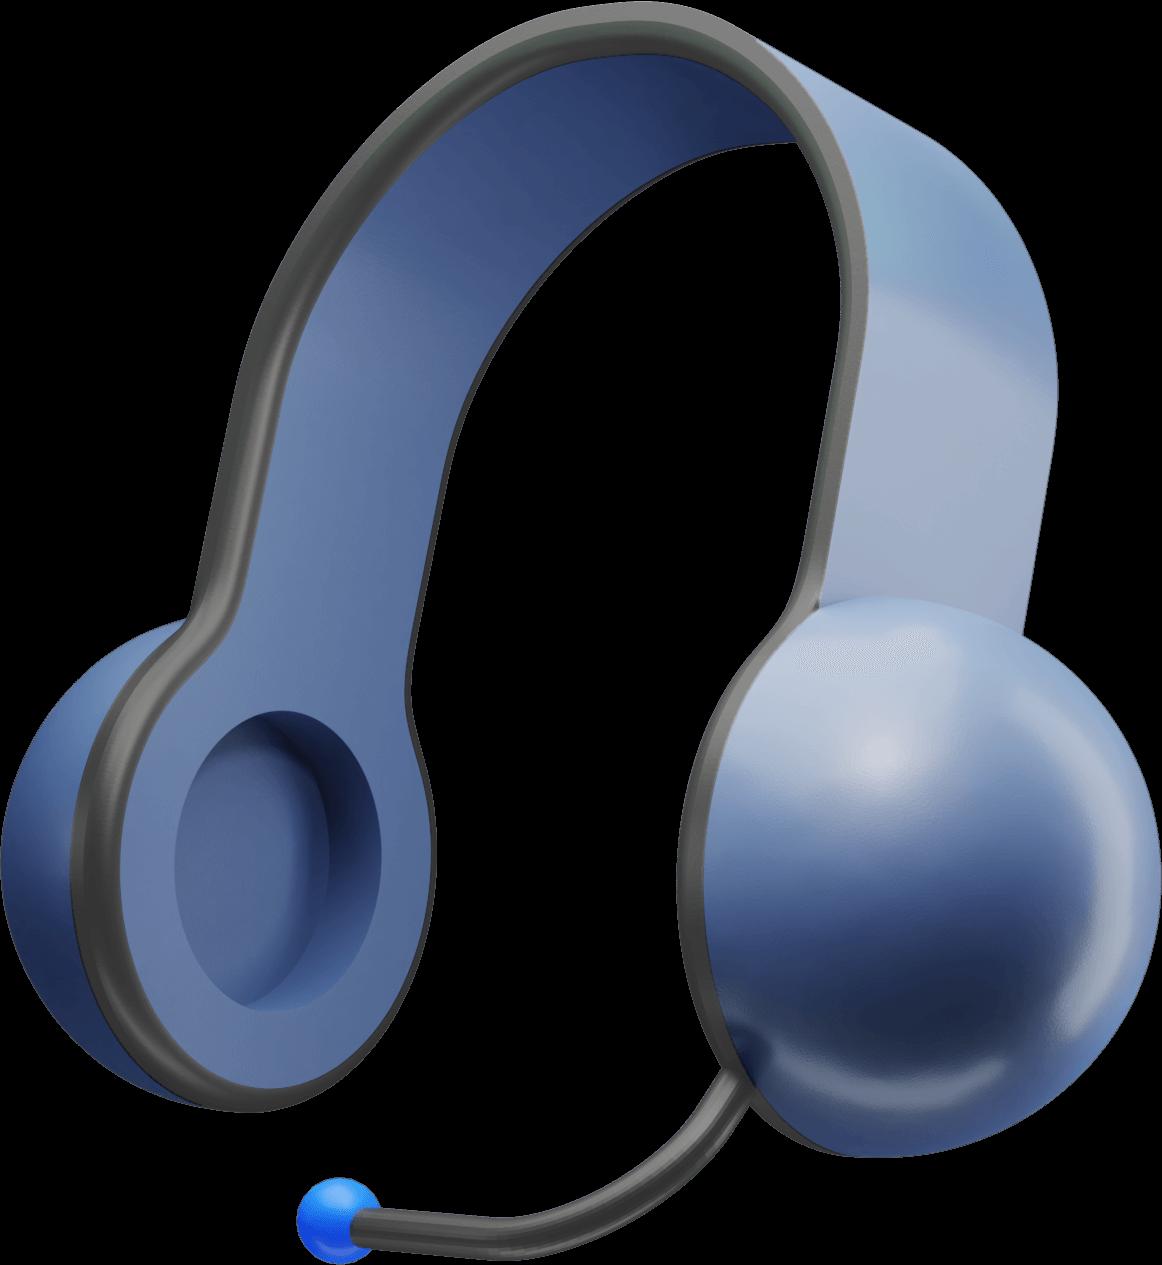 Abbildung: Kopfhörer